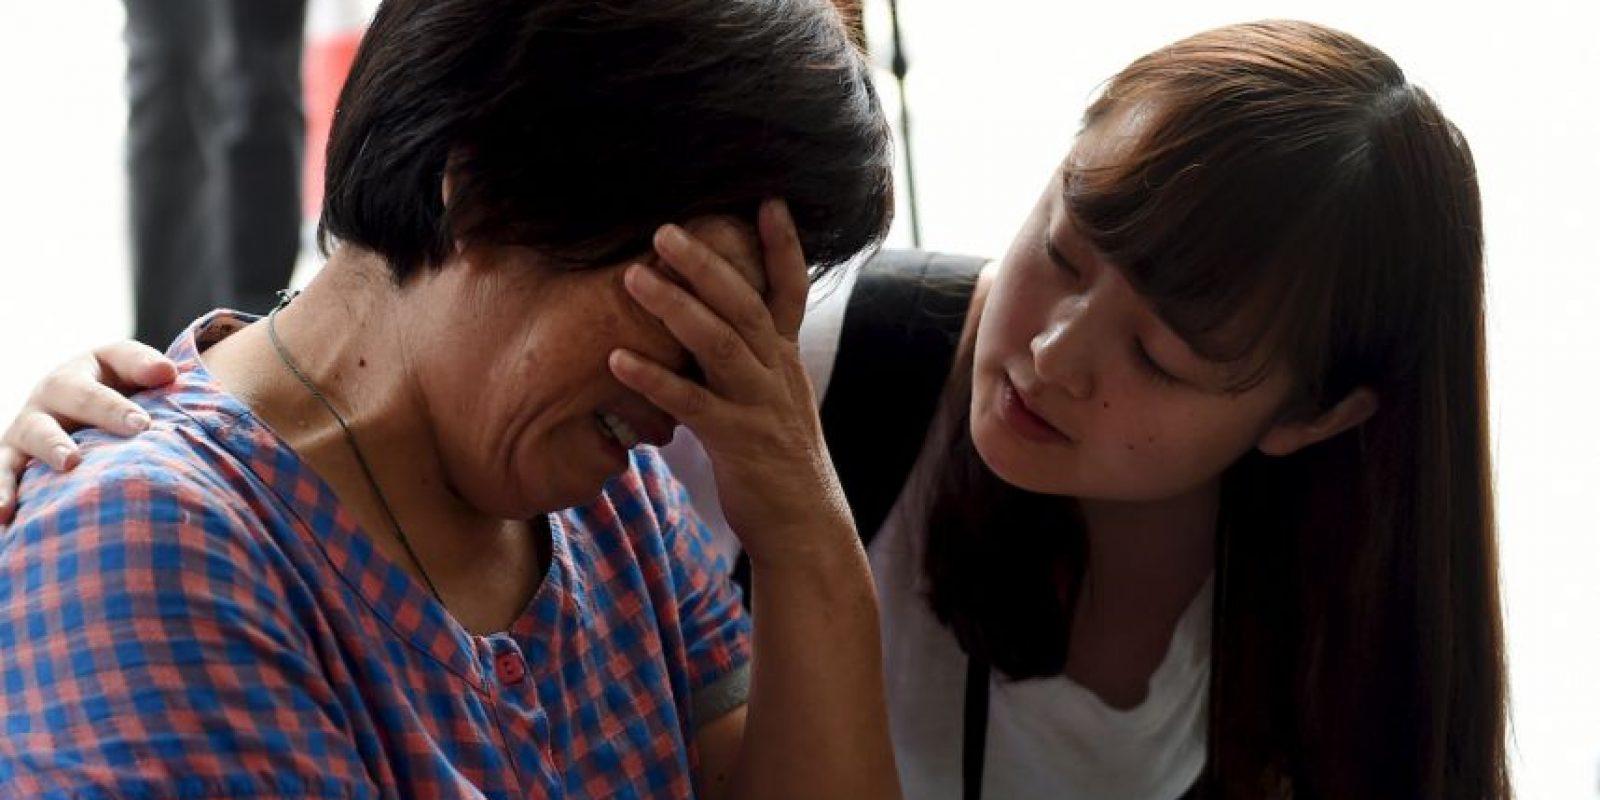 Familiares de pasajeros que iban en el vuelo MH370 lloran luego de que confirmaran que el ala que apareció en la isla Reunión en efecto pertenecía al avión desaparecido. Foto:AFP